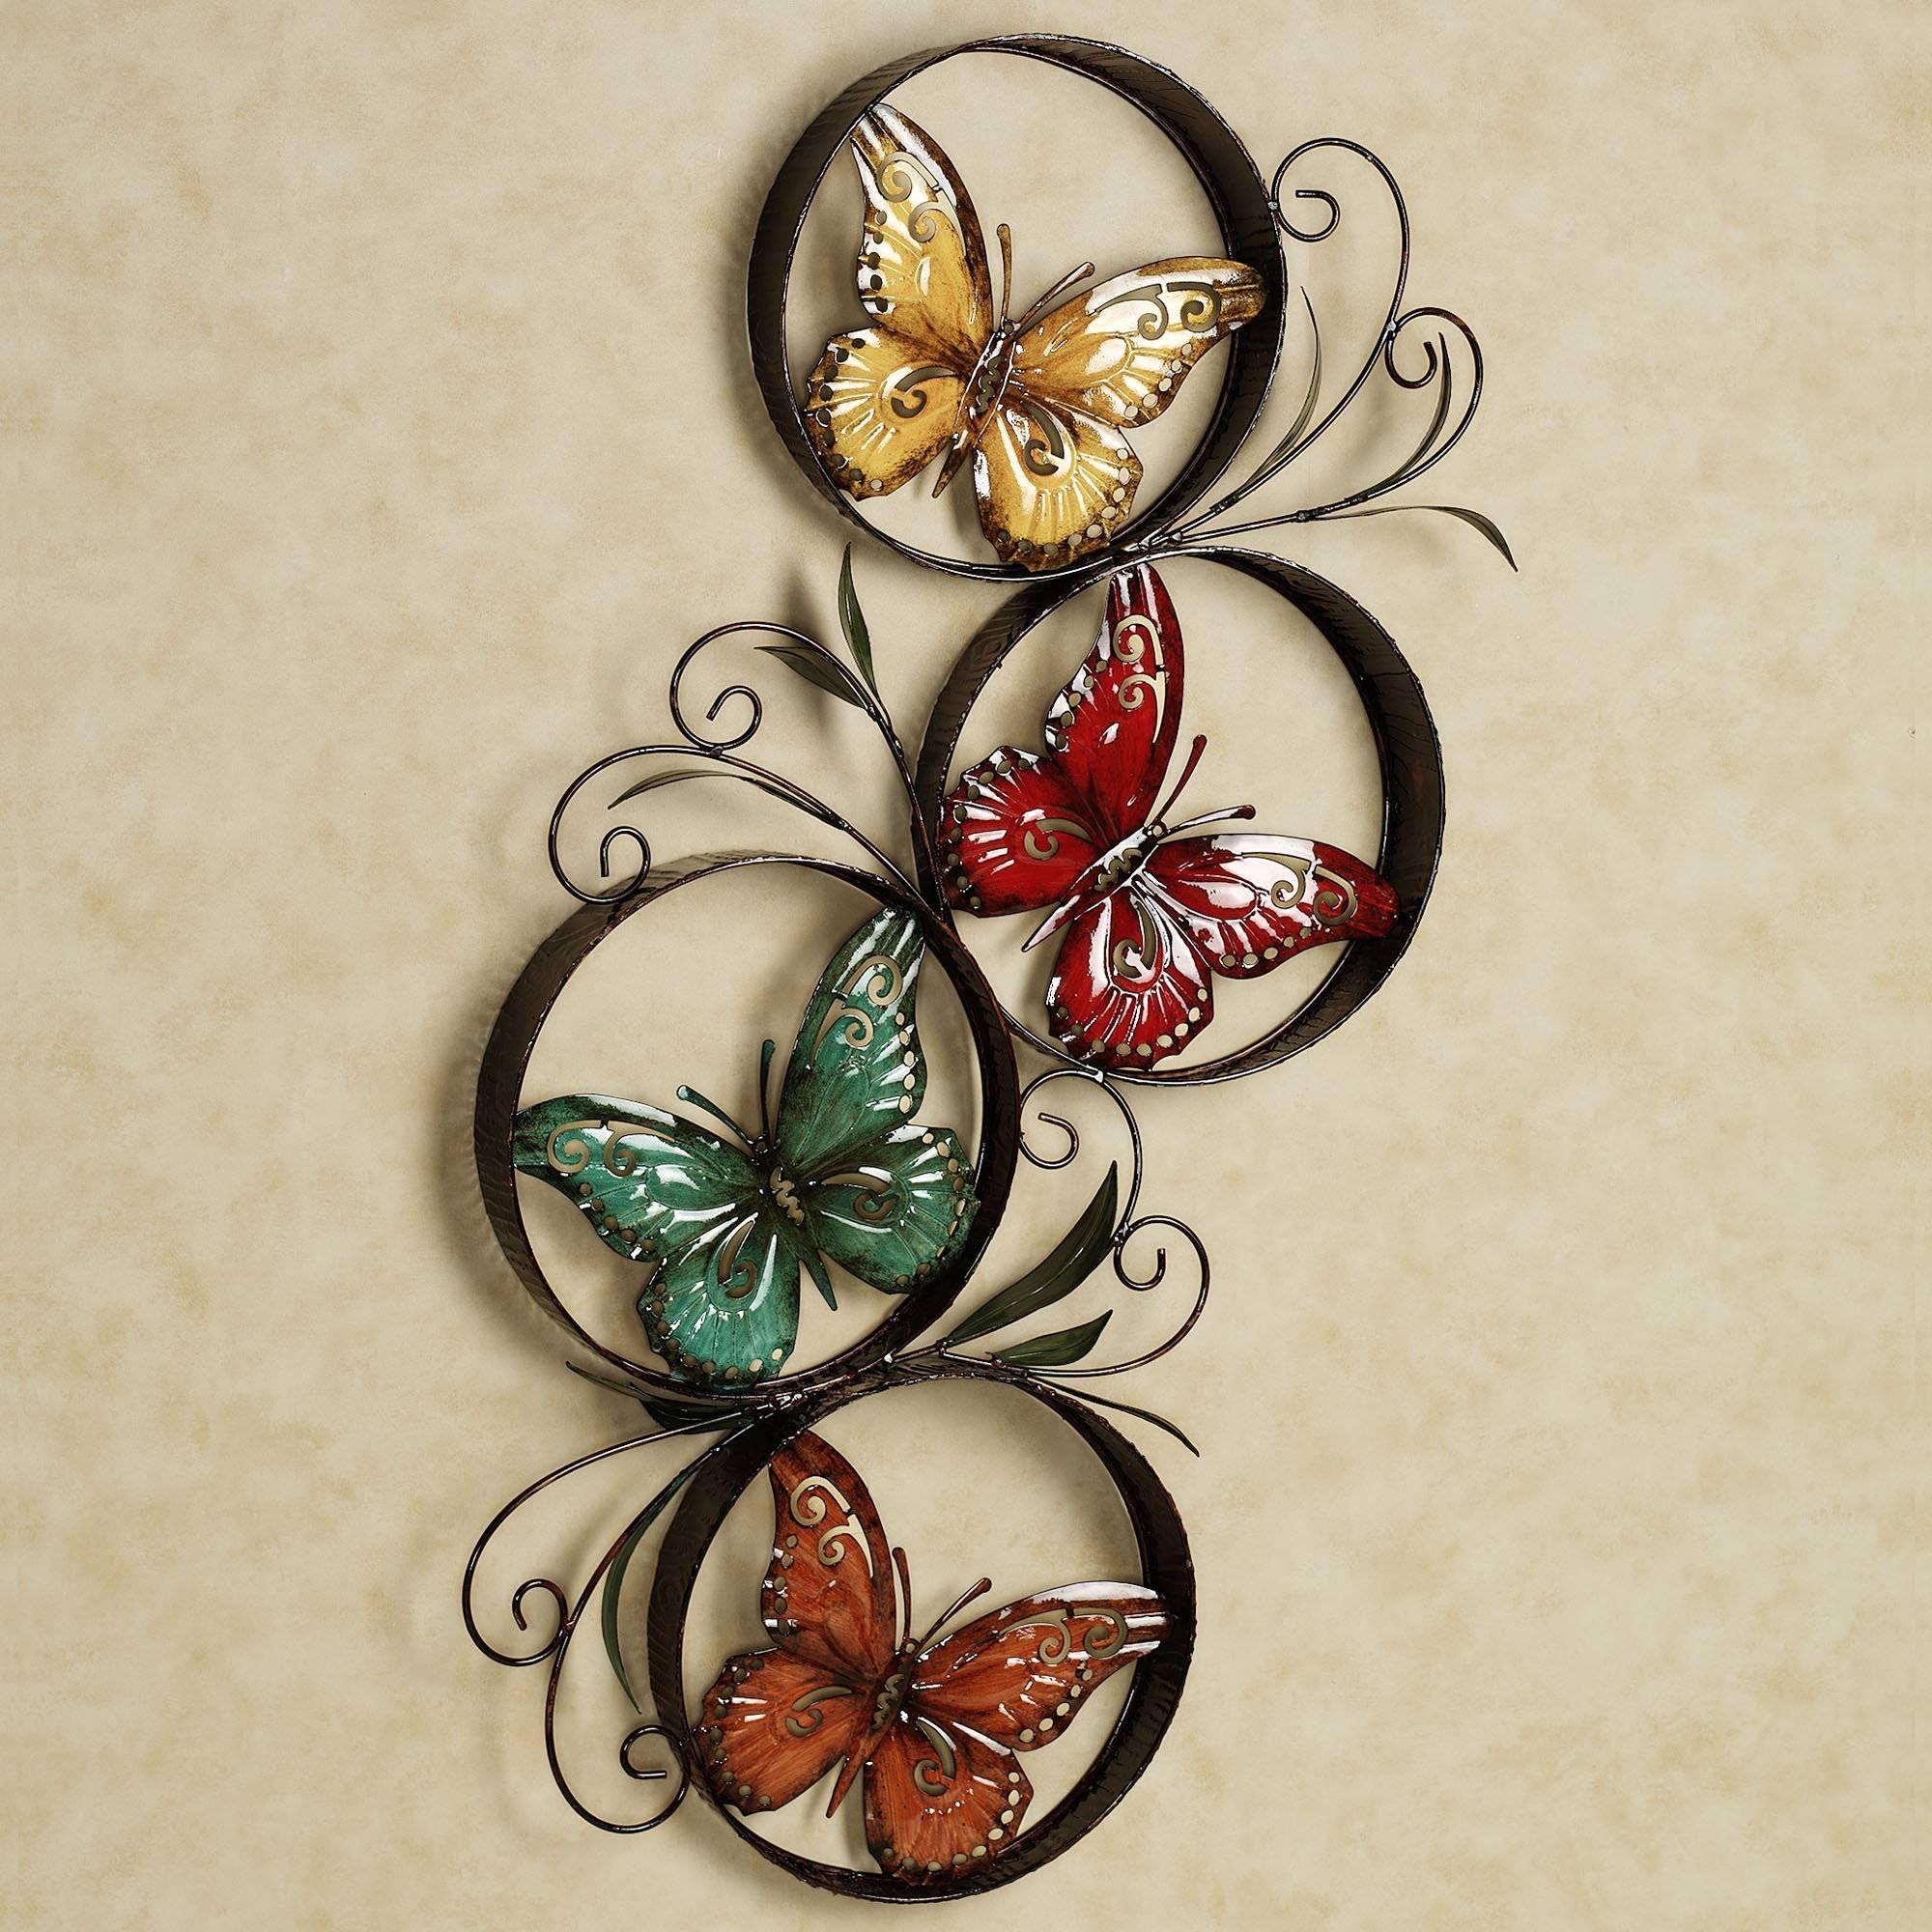 Butterfly Jubilee Metal Wall Art – Clip Art Library In Most Up To Date Butterfly Metal Wall Art (View 17 of 20)